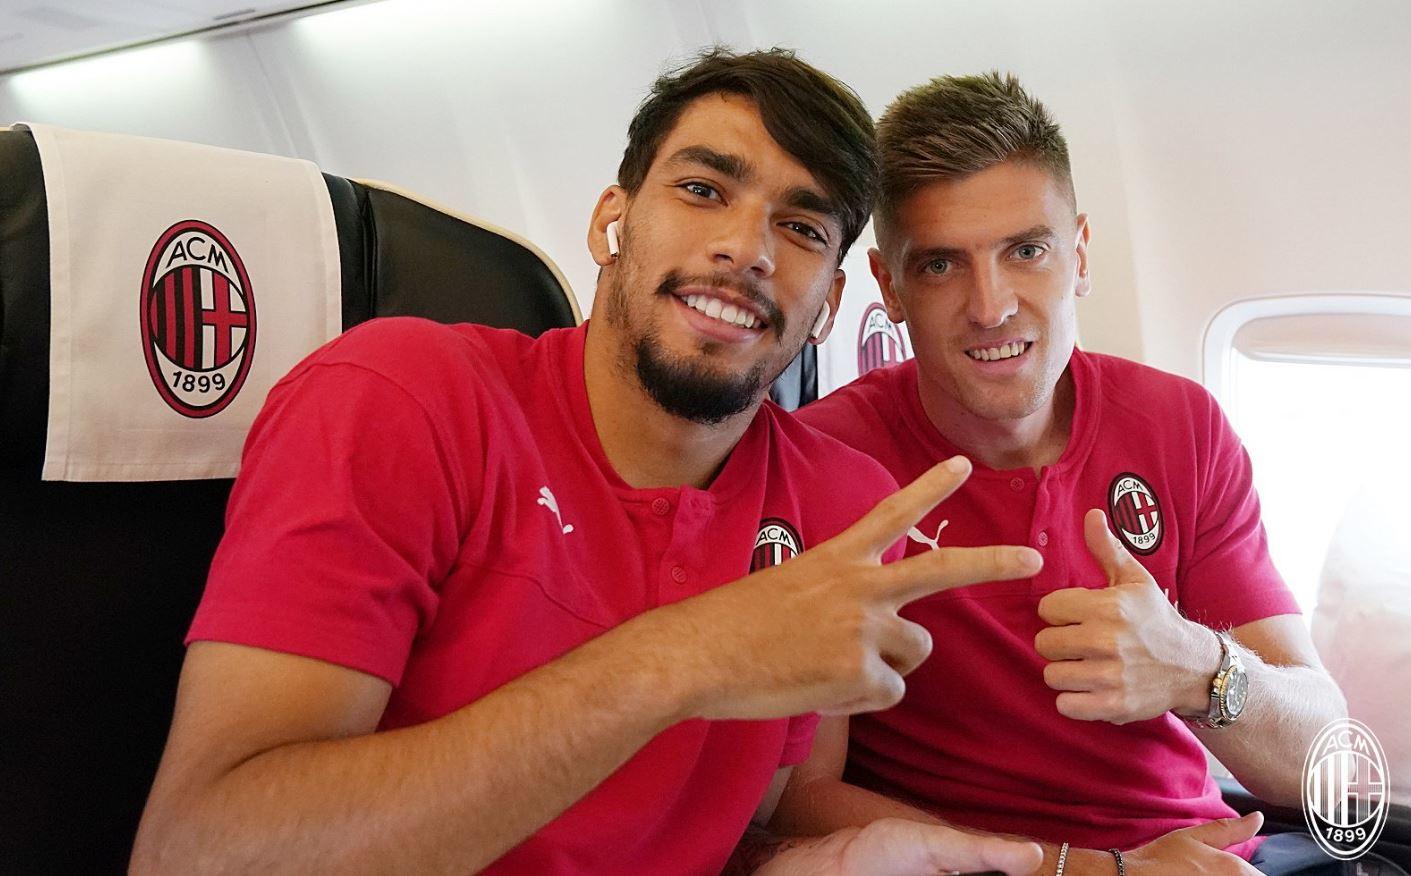 Il Milan è atterrato in Kosovo per disputare l'amichevole con il Feronikeli a Pristina. Molti tifosi rossoneri hanno accolto con grande ent...